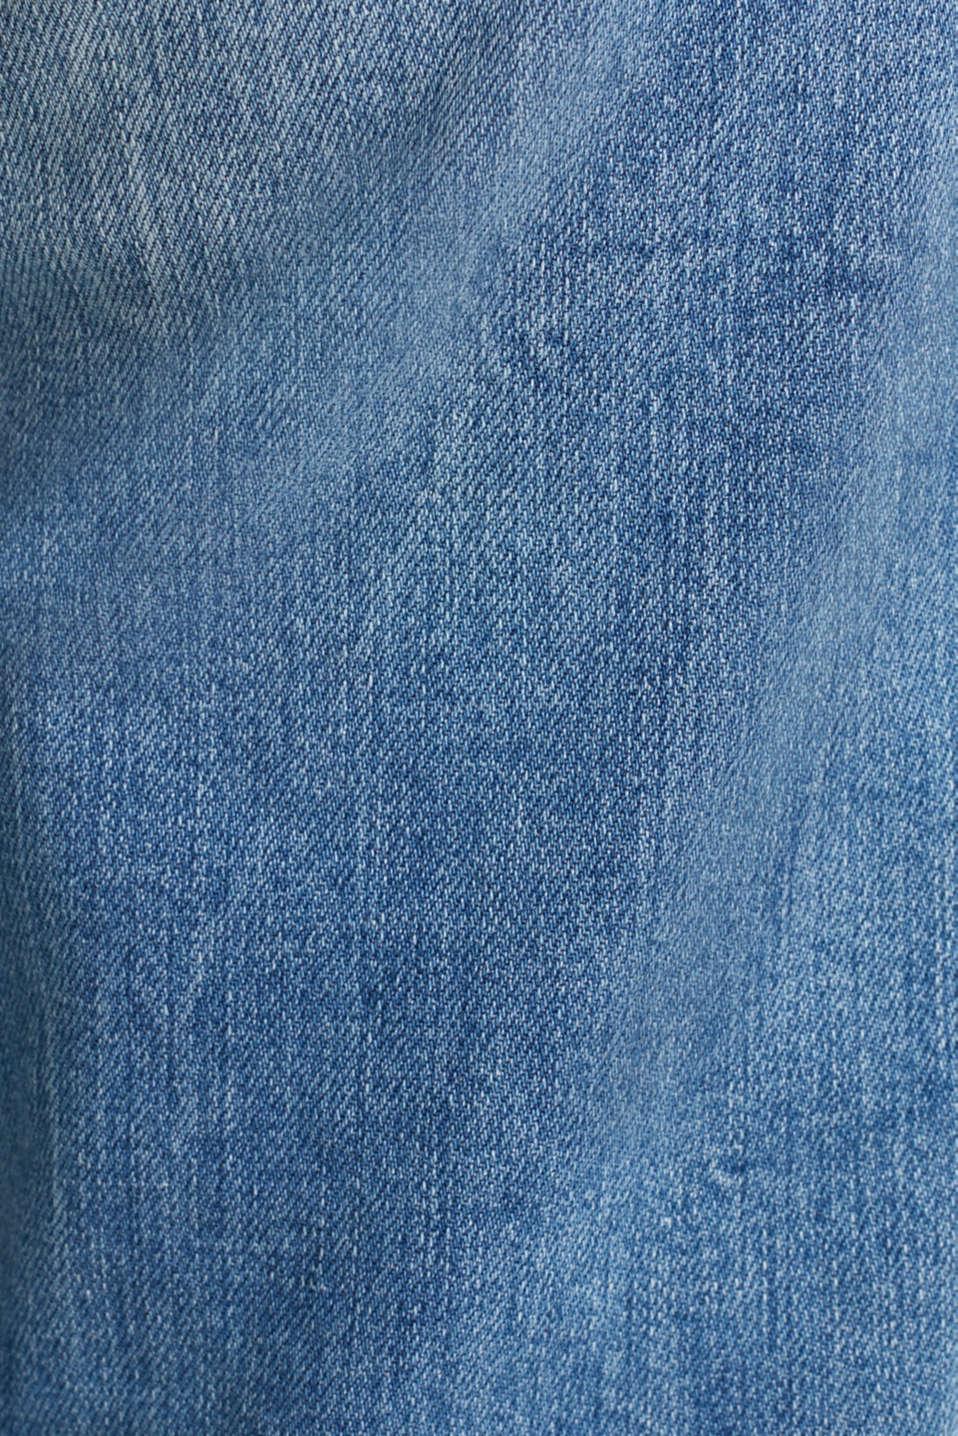 Jeans with vintage details, BLUE LIGHT WASH, detail image number 4